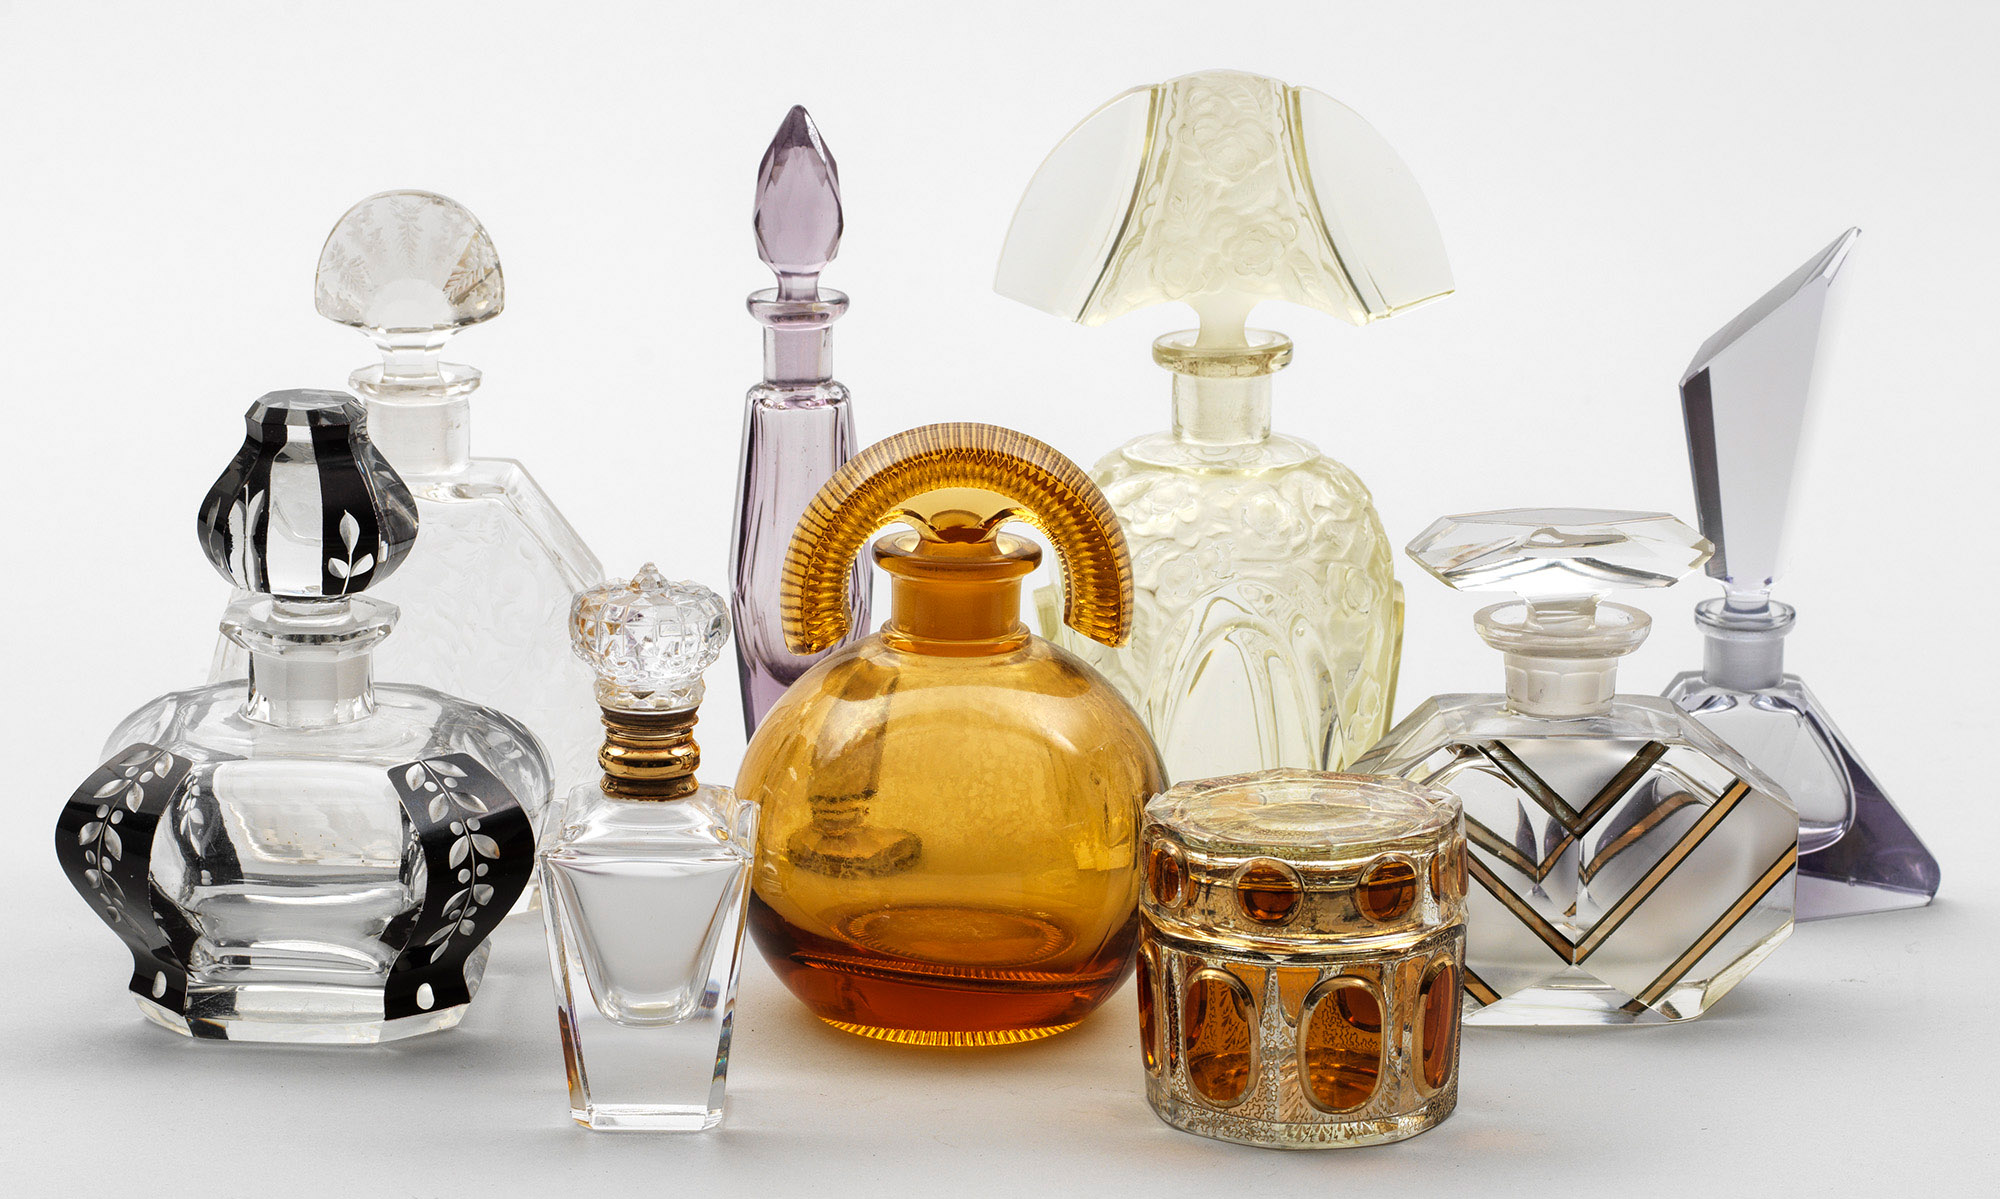 Sammlung von acht Parfumflakons und einer Zierdose